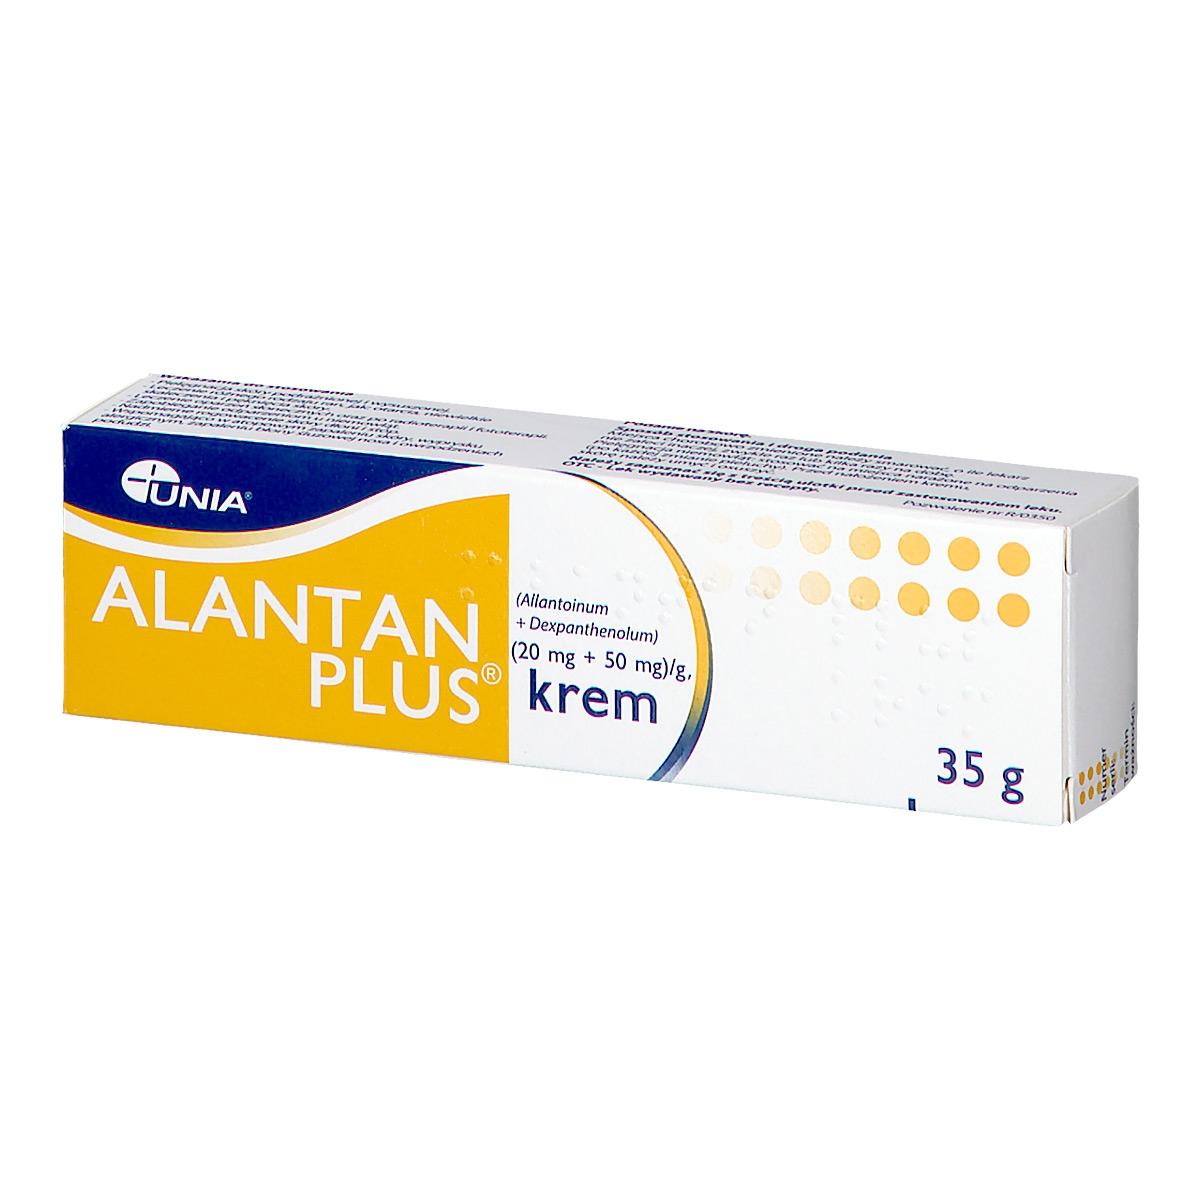 Image of Alantan plus krem (20mg+50mg/g)